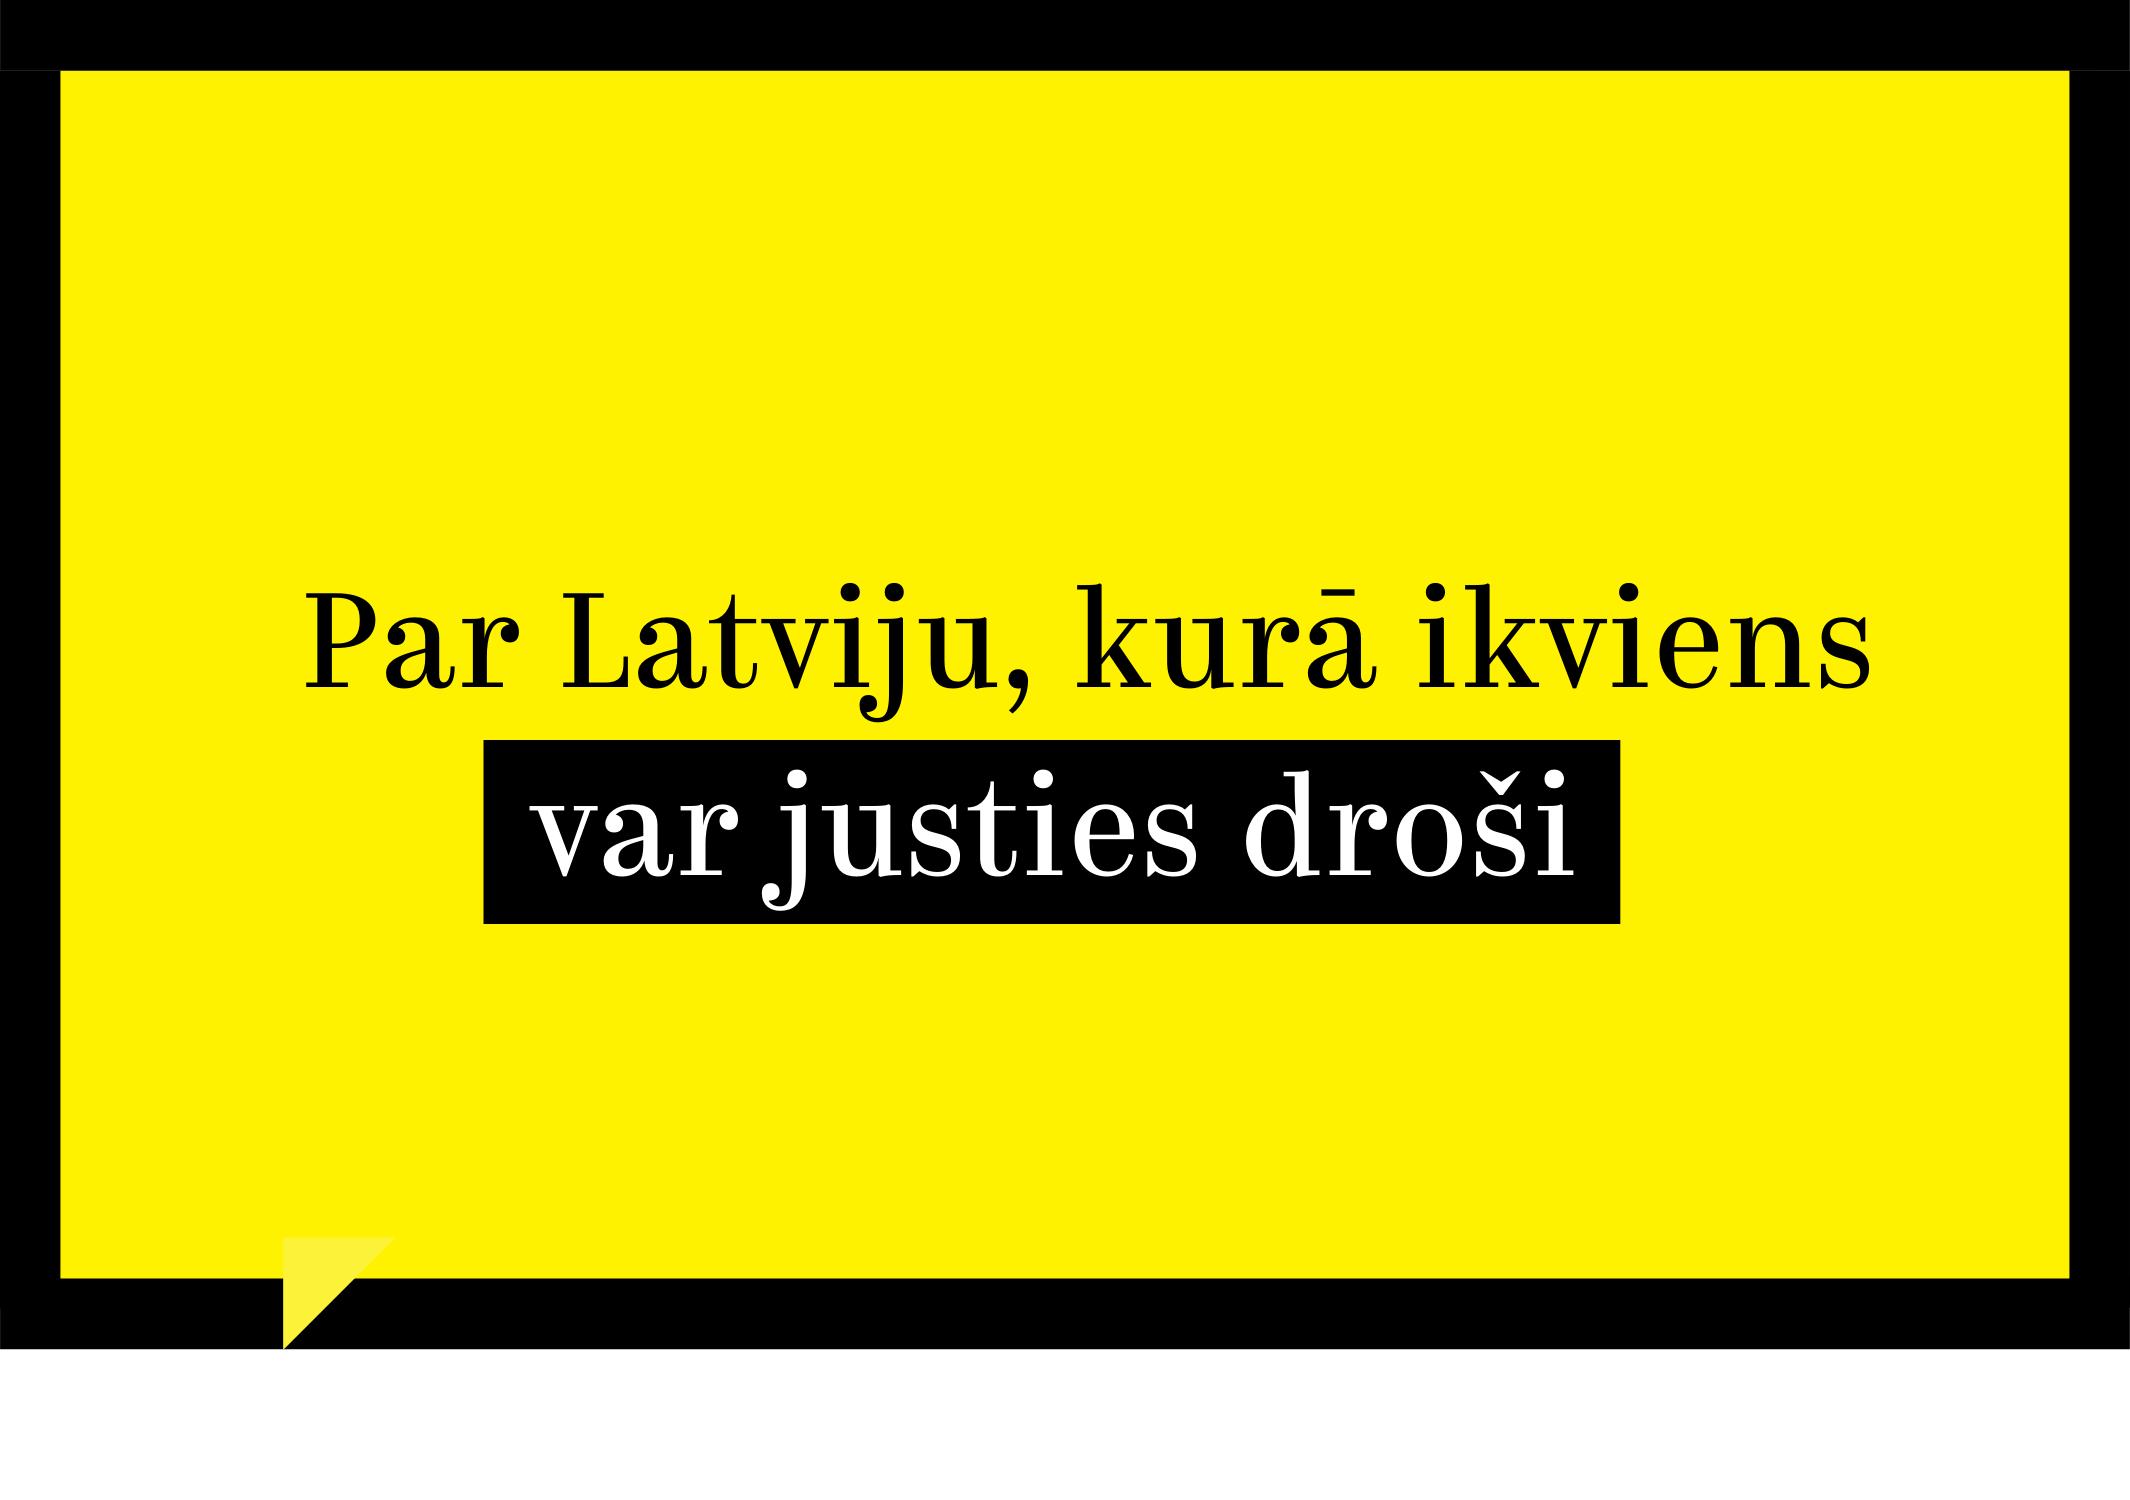 """""""Attīstībai/Par!"""" aicina Krimināllikumā stingrāk vērsties pret naida noziegumiem"""